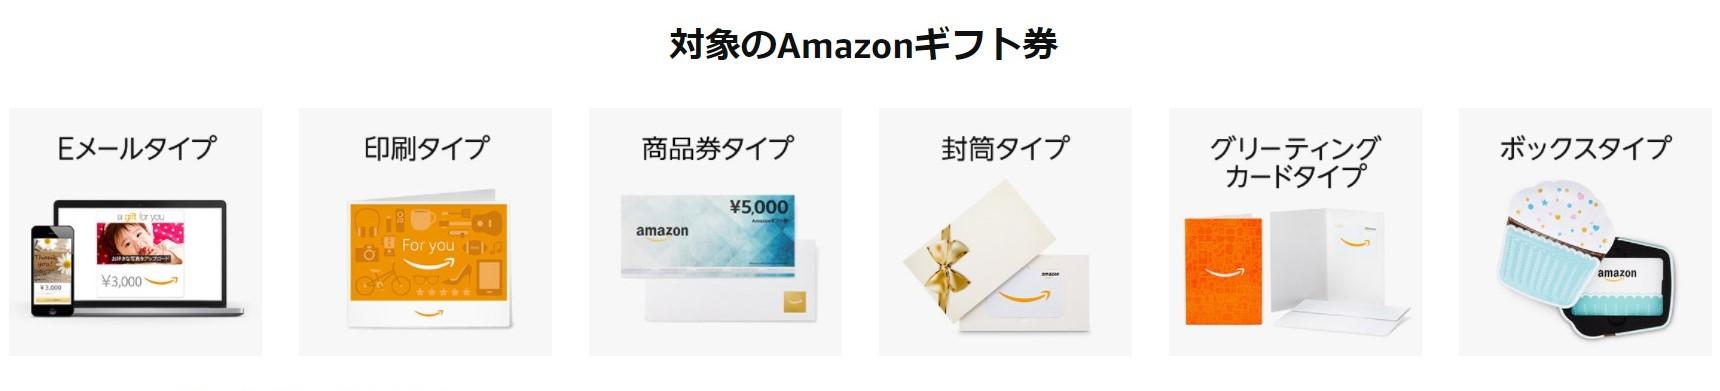 キャンペーン対象のAmazonギフト券